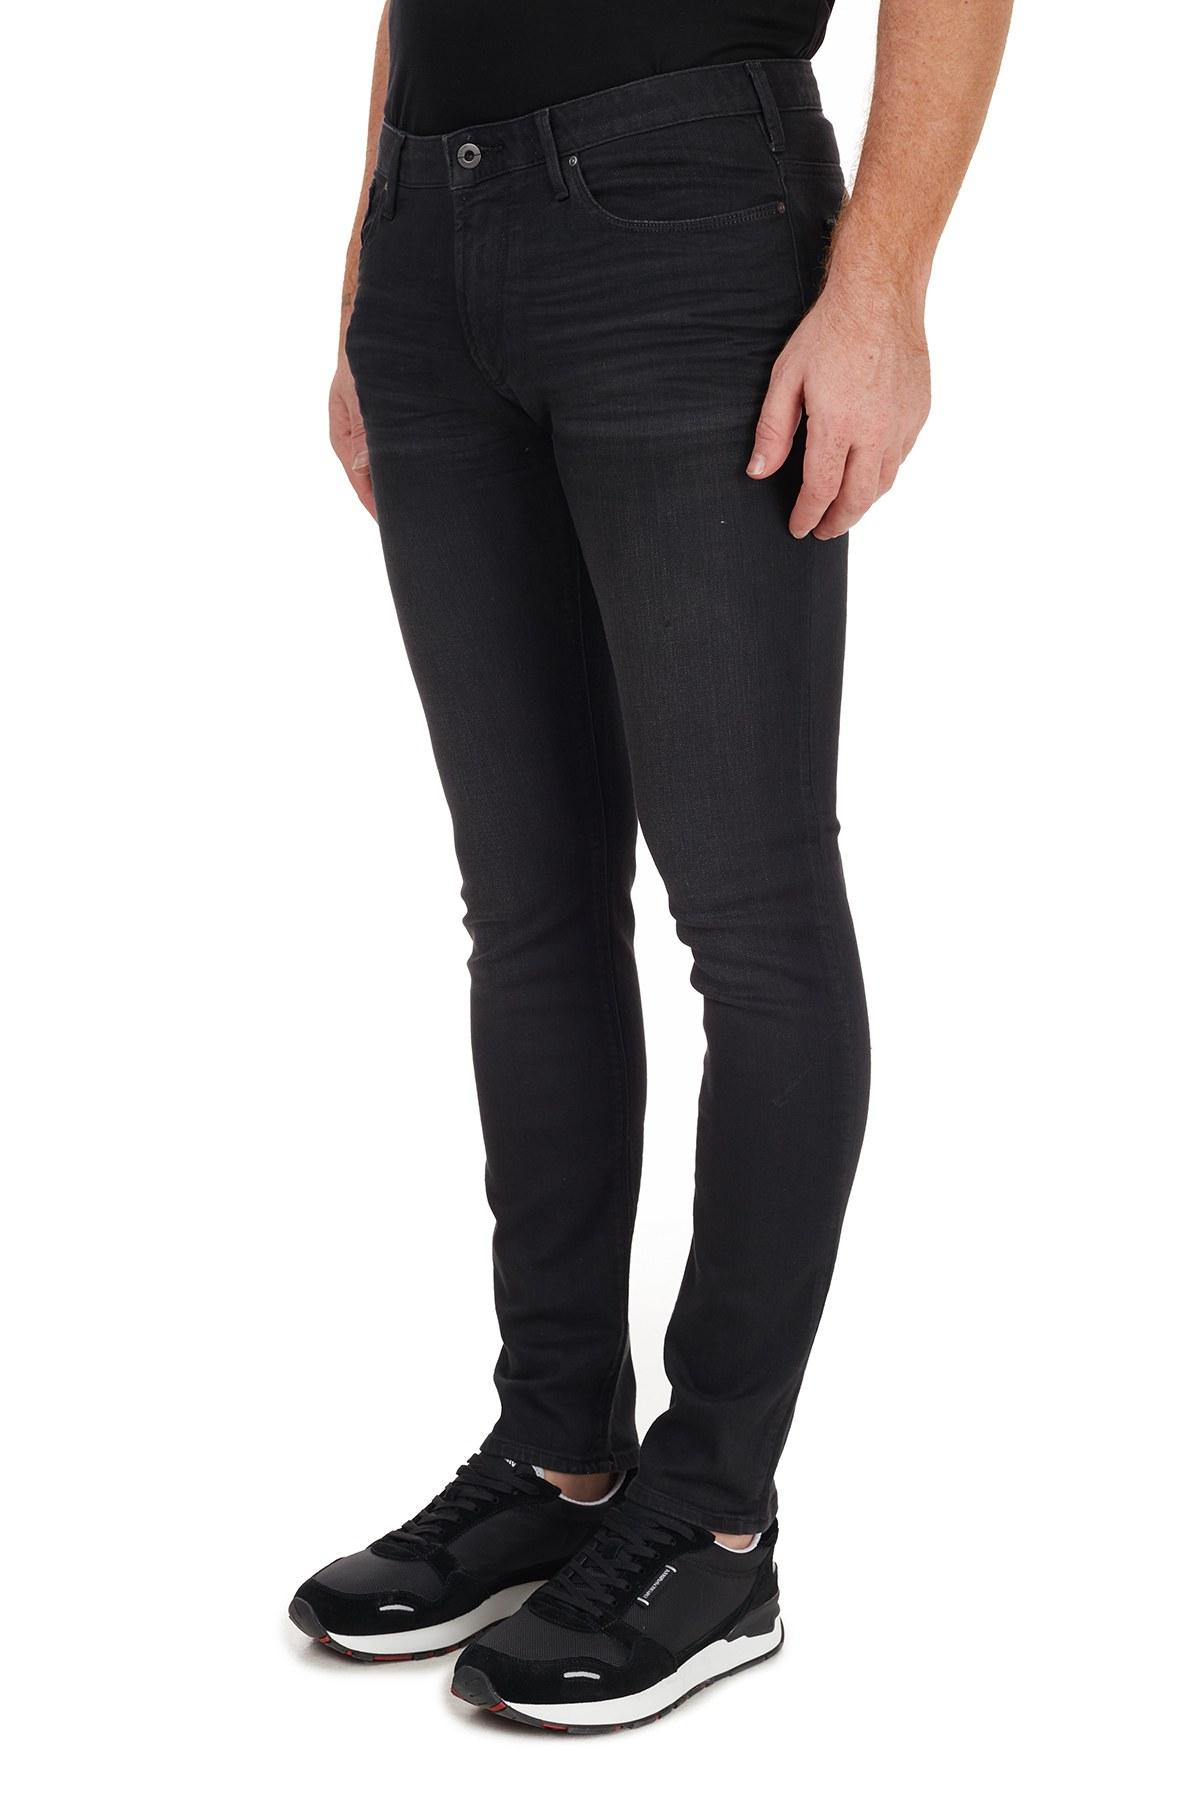 Emporio Armani Pamuklu Slim Fit J06 Jeans Erkek Kot Pantolon 8N1J06 1D0IZ 0006 SİYAH